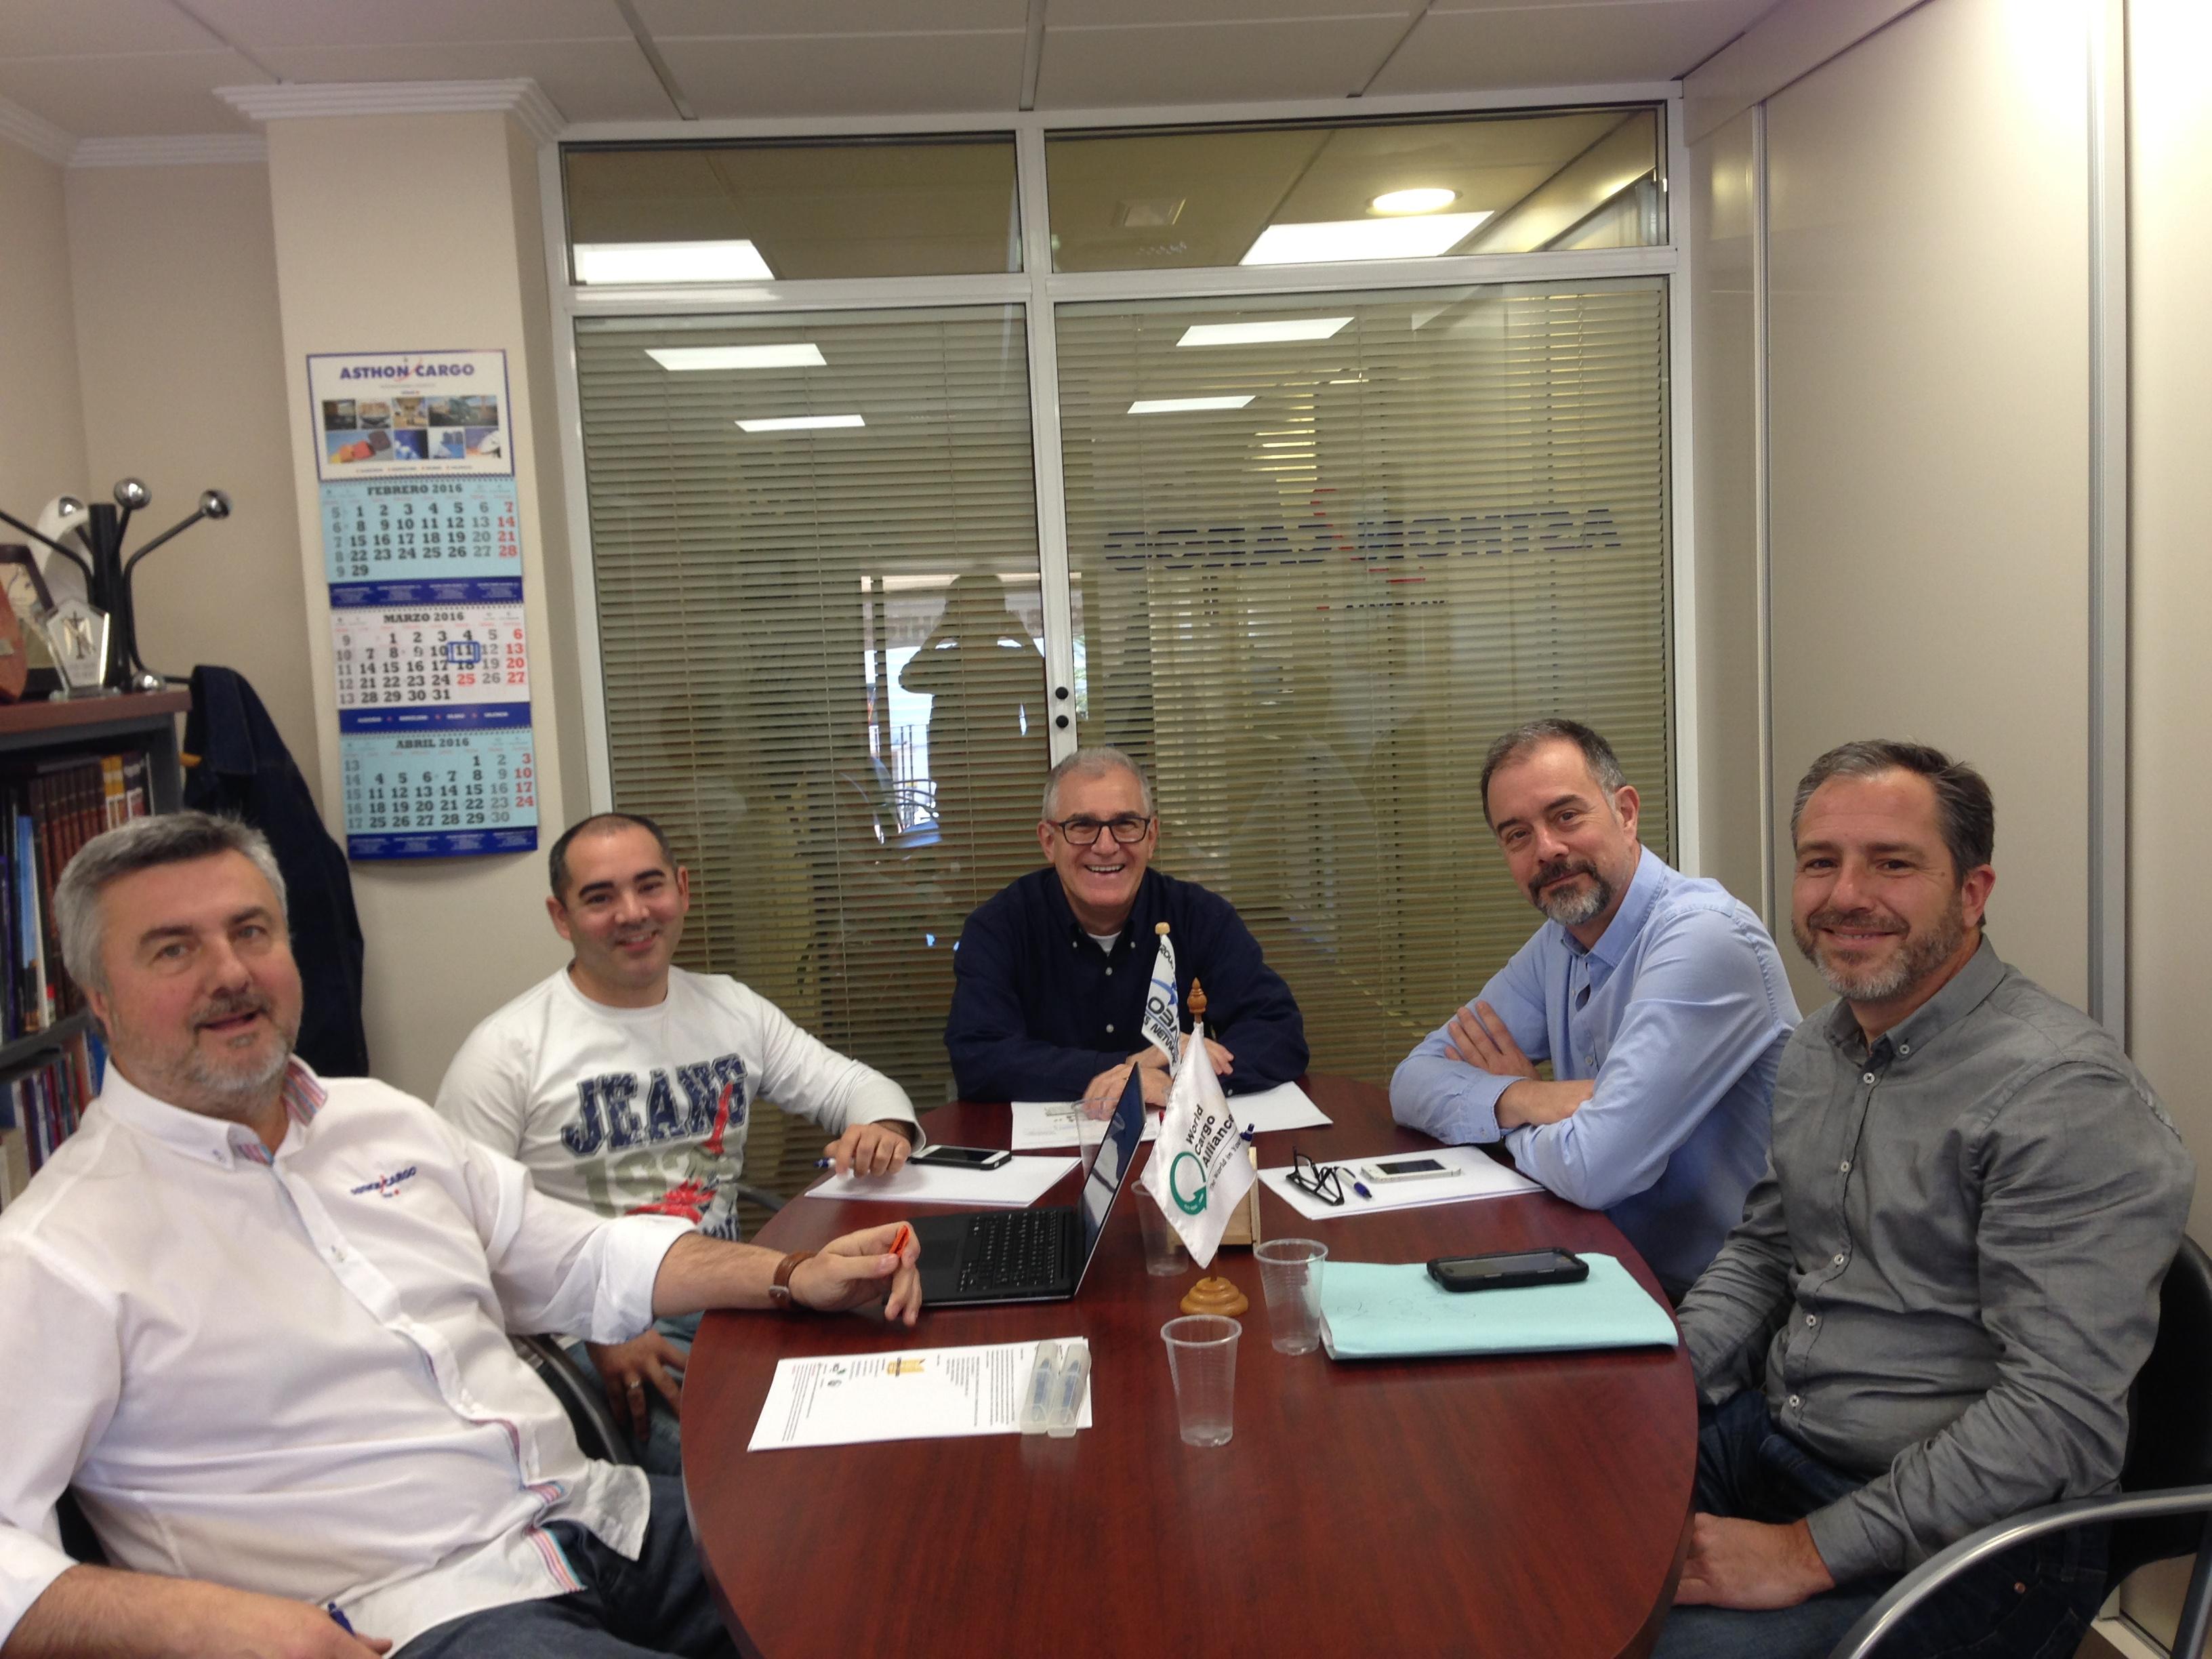 La semana pasada asthon cargo celebr una reuni n - Empresas constructoras valencia ...